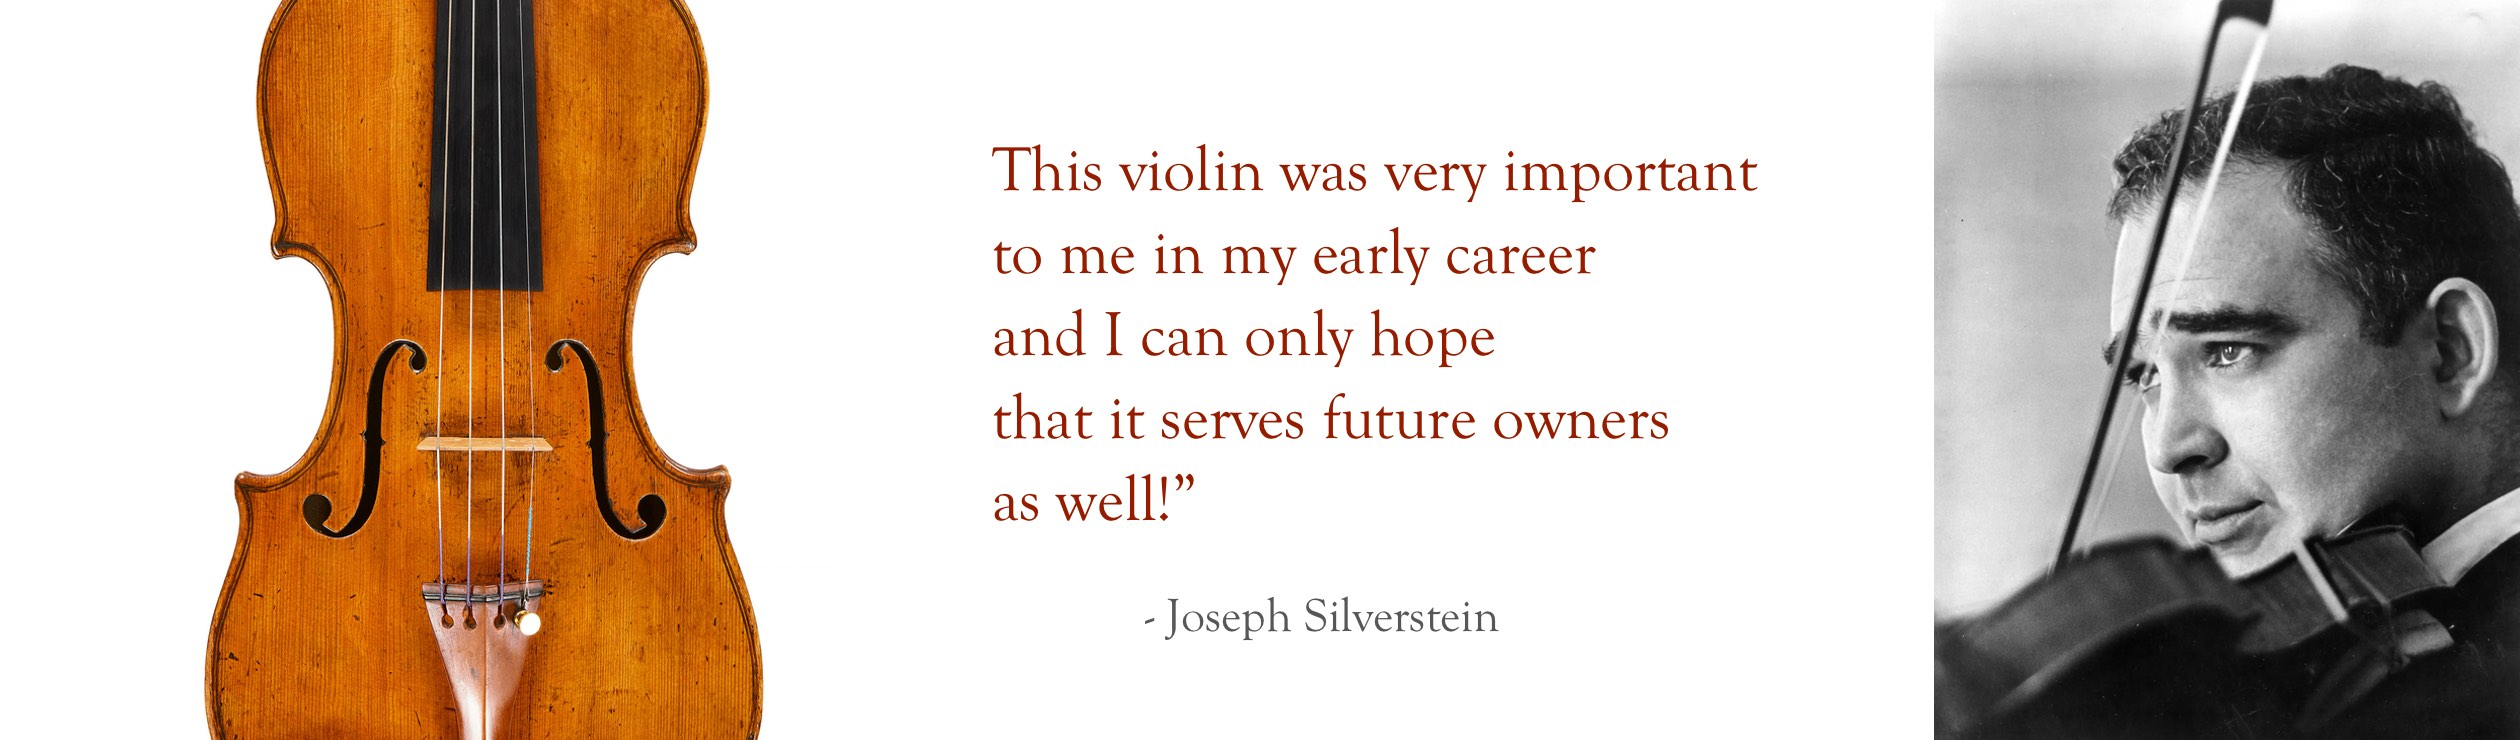 29-10-Silverstein